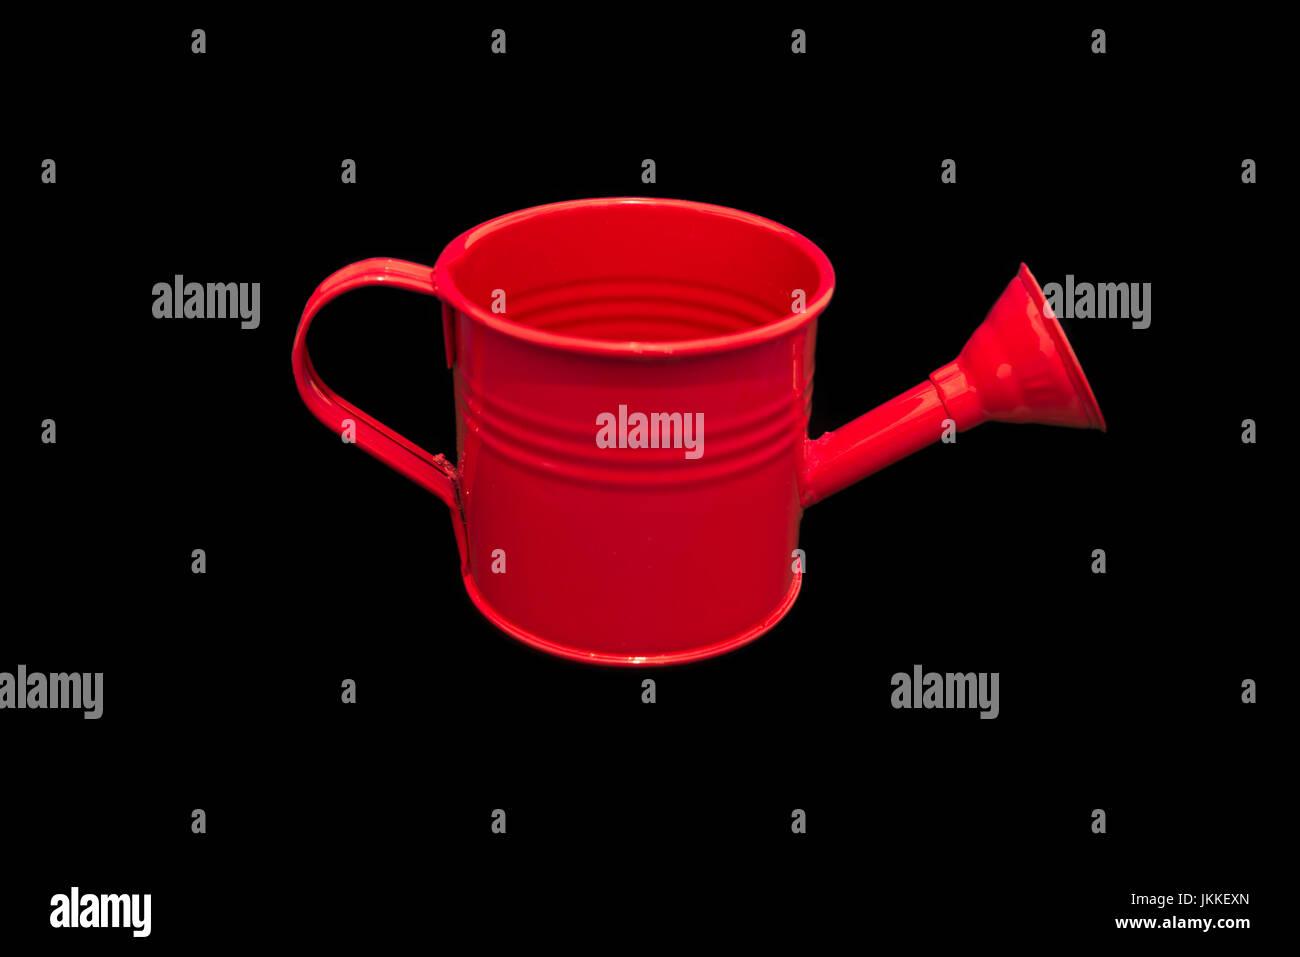 Arrosoir rouge isolé sur fond noir. L'image est propre et lumineux et centré dans l'image avec Photo Stock